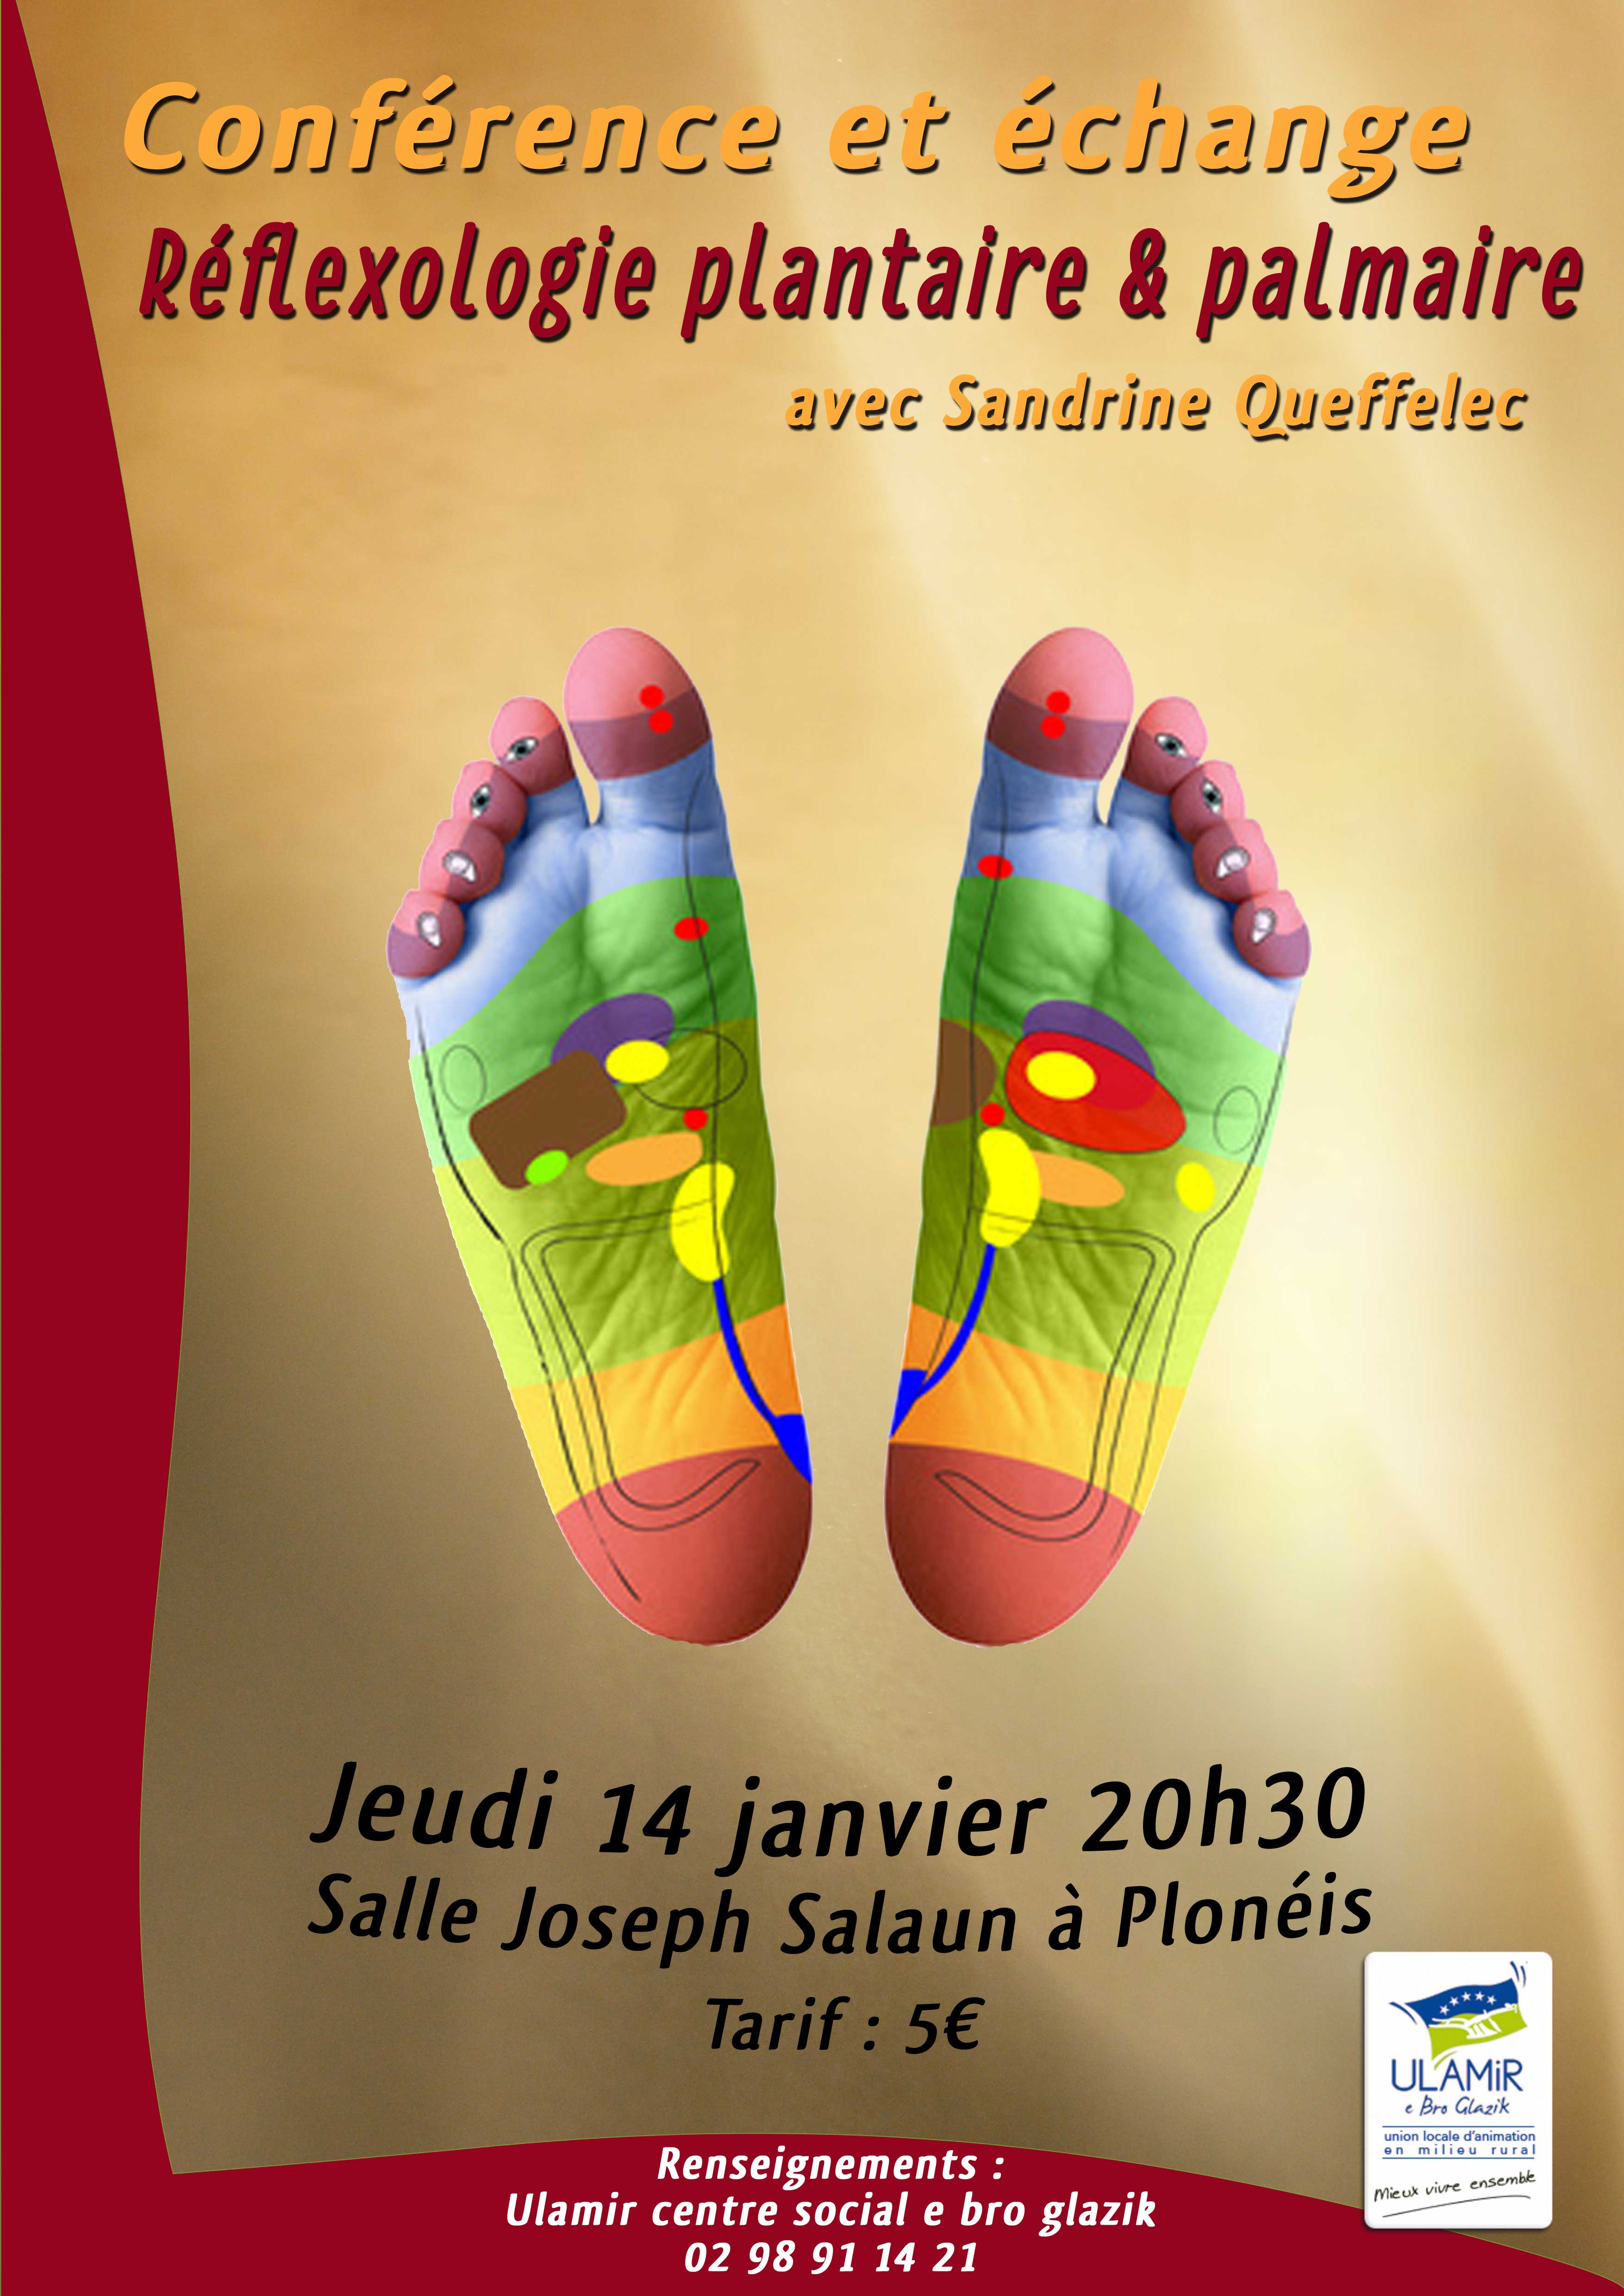 Affiche conférence réflexo ulamir 2016